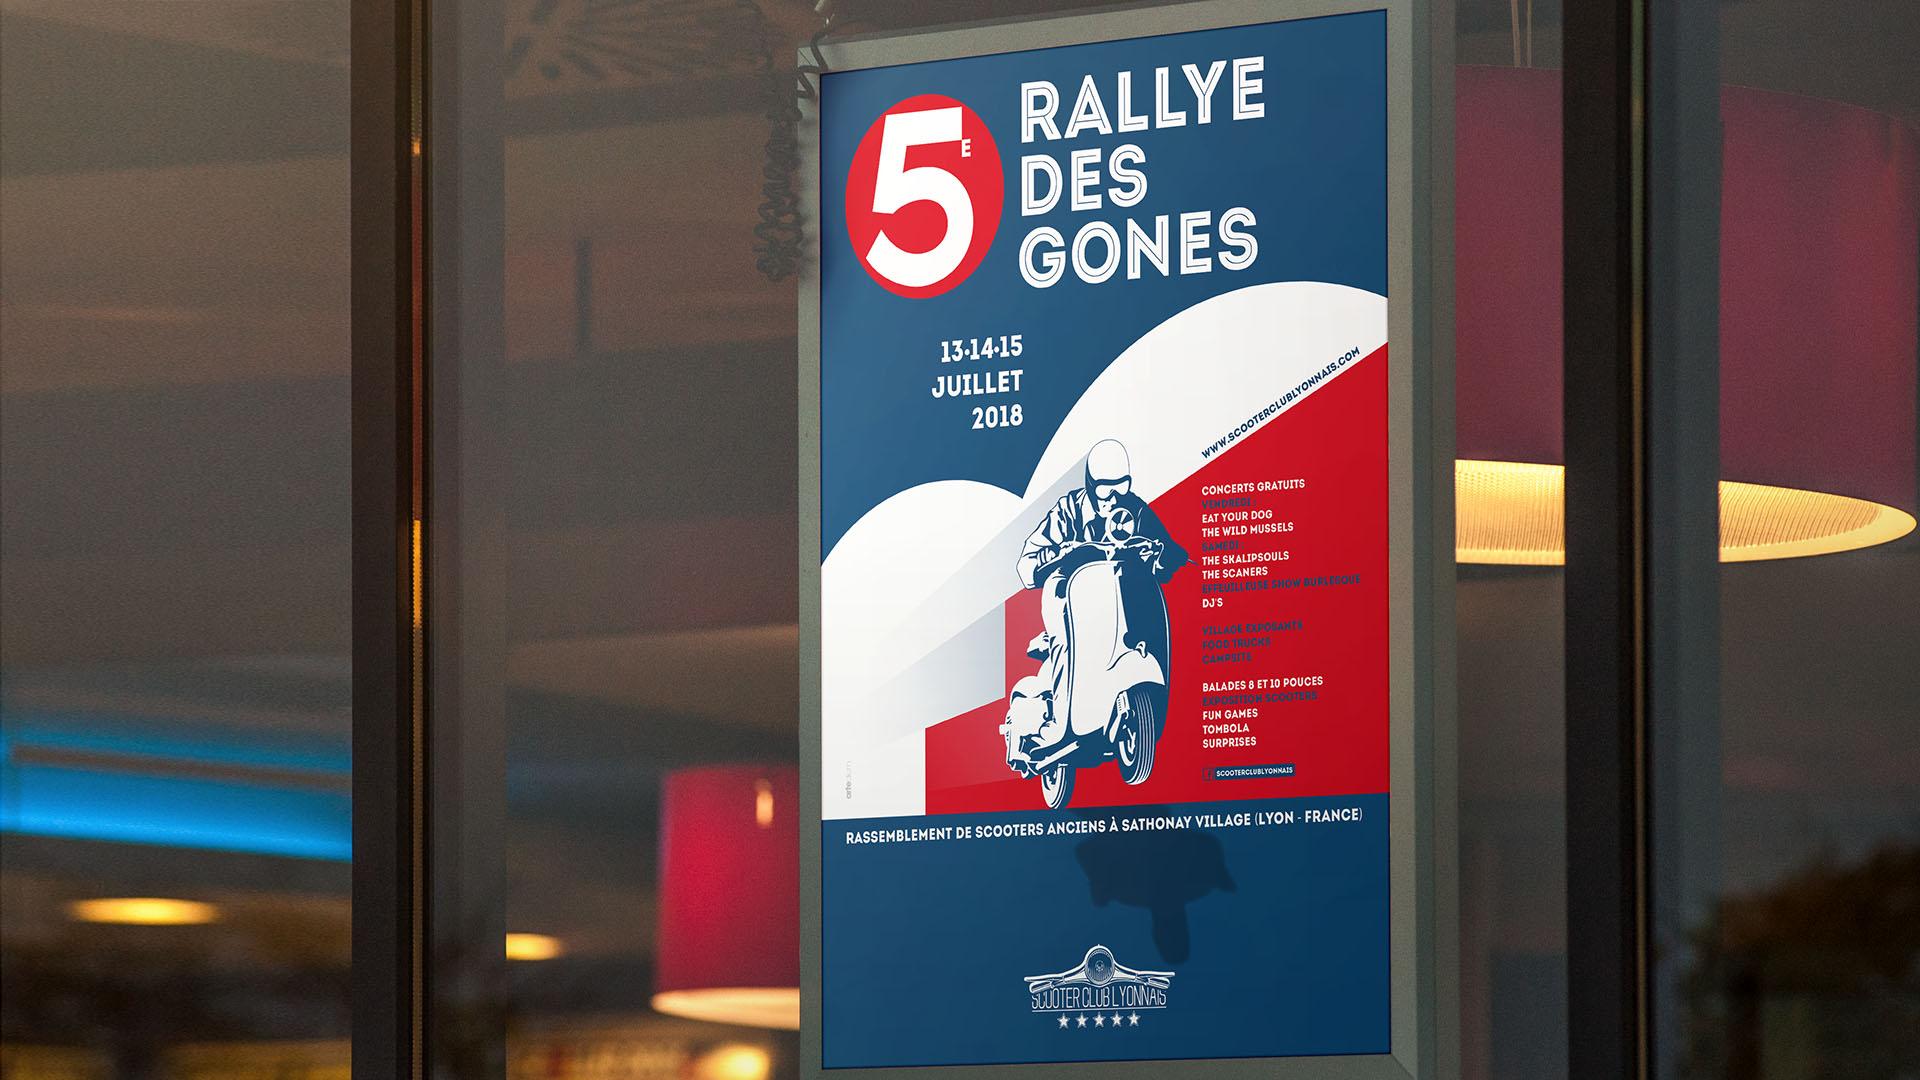 Affiche événement Rallye des Gones 2018